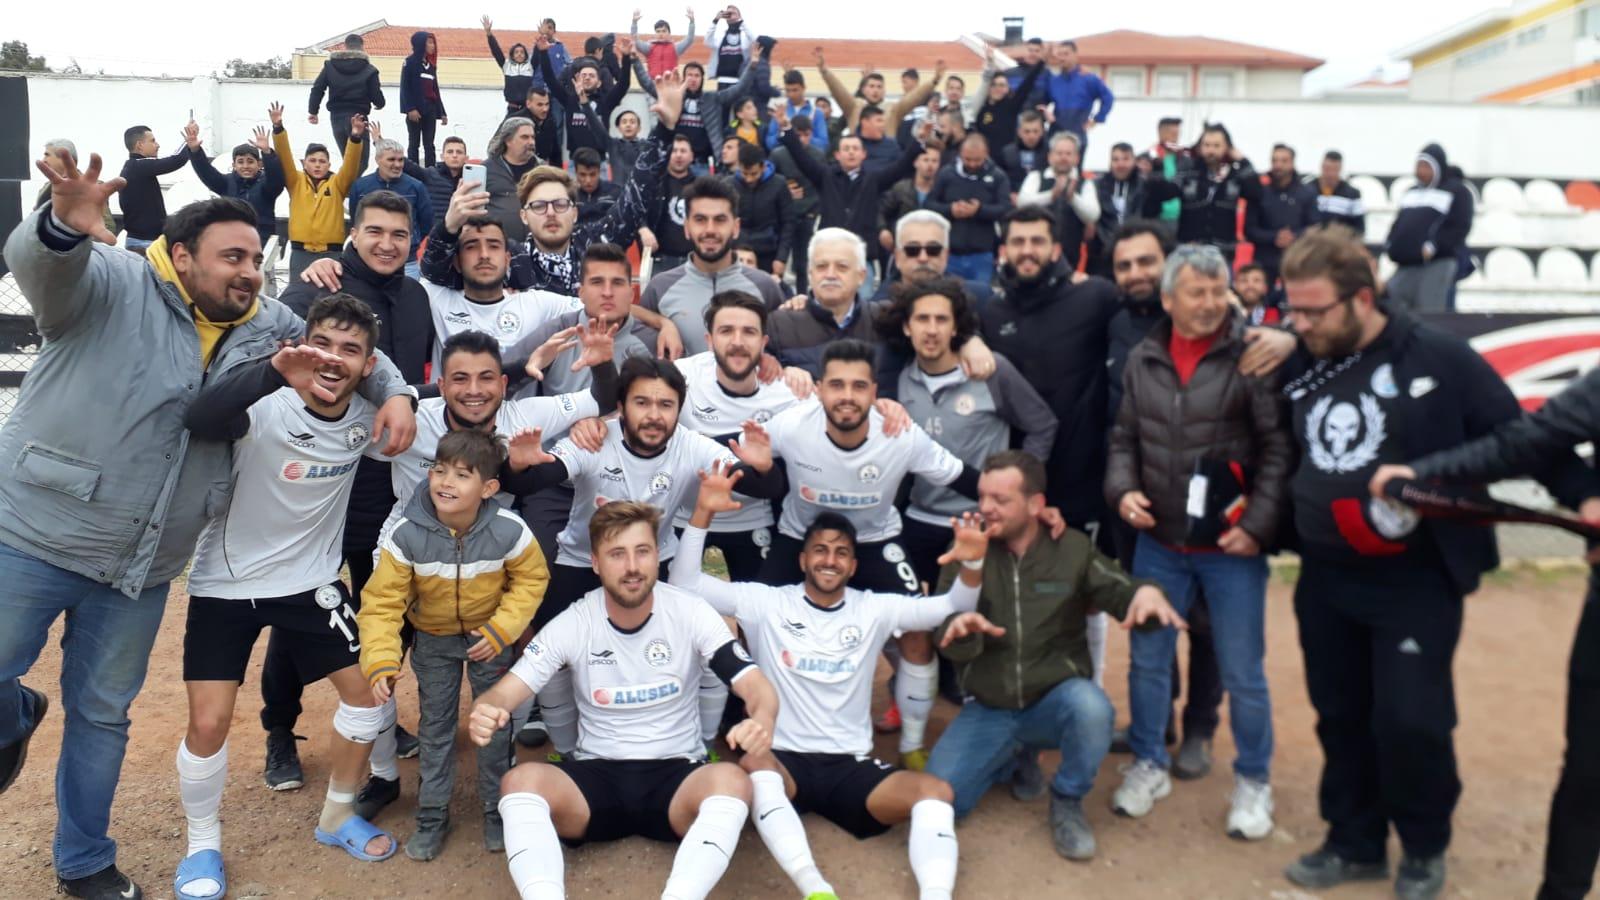 Burhaniye Belediye Spor Bal Liginde